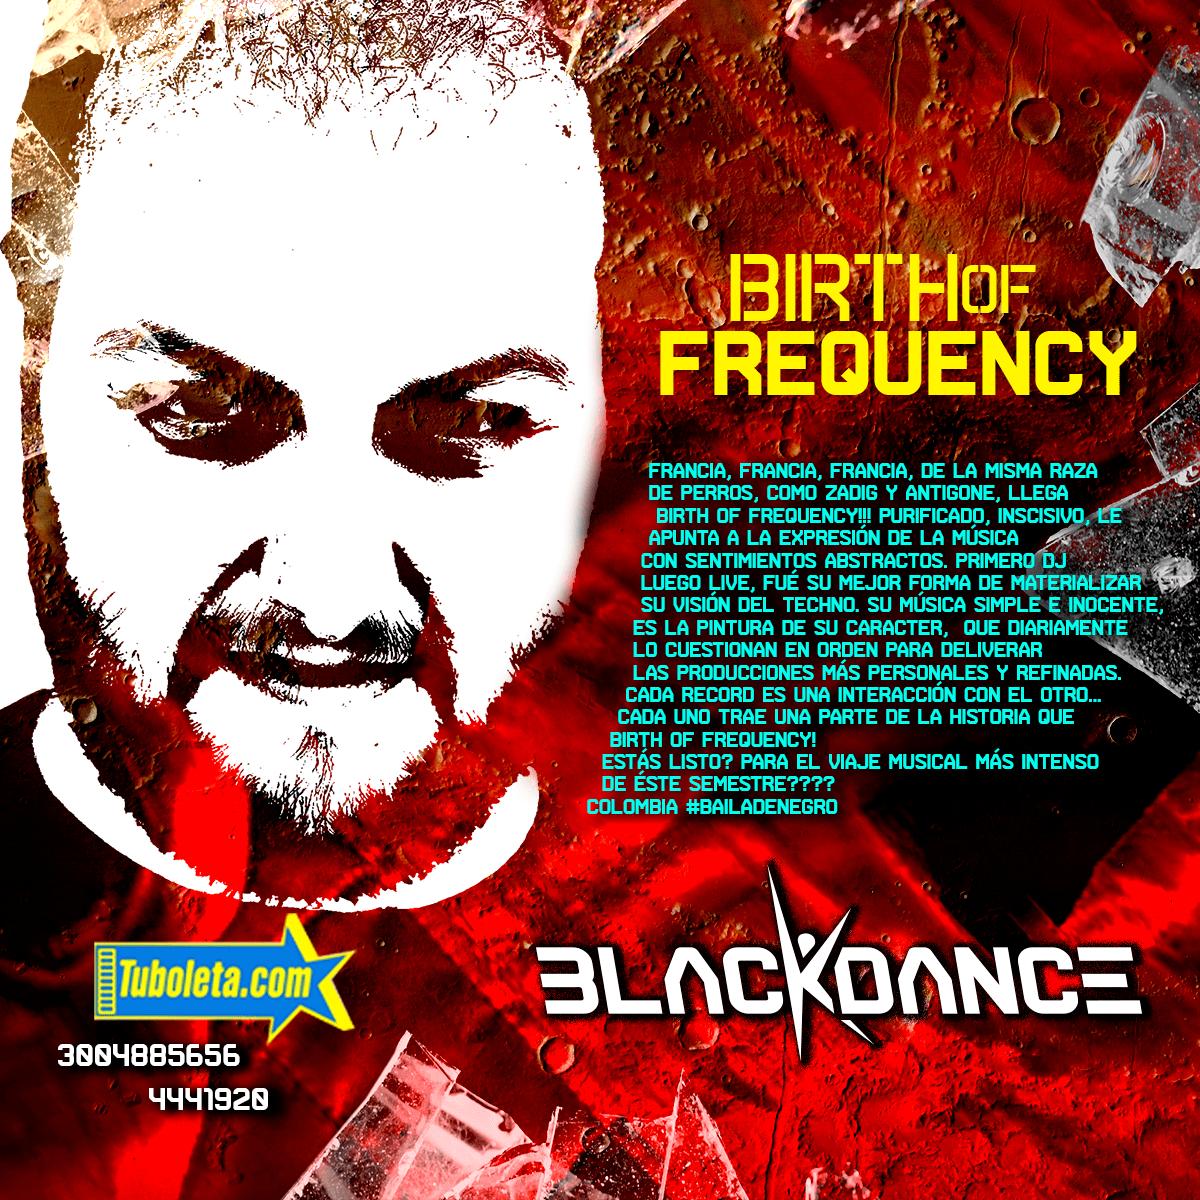 BIRTH OF FREQUENCY en el BLACKDANCE FESTIVAL